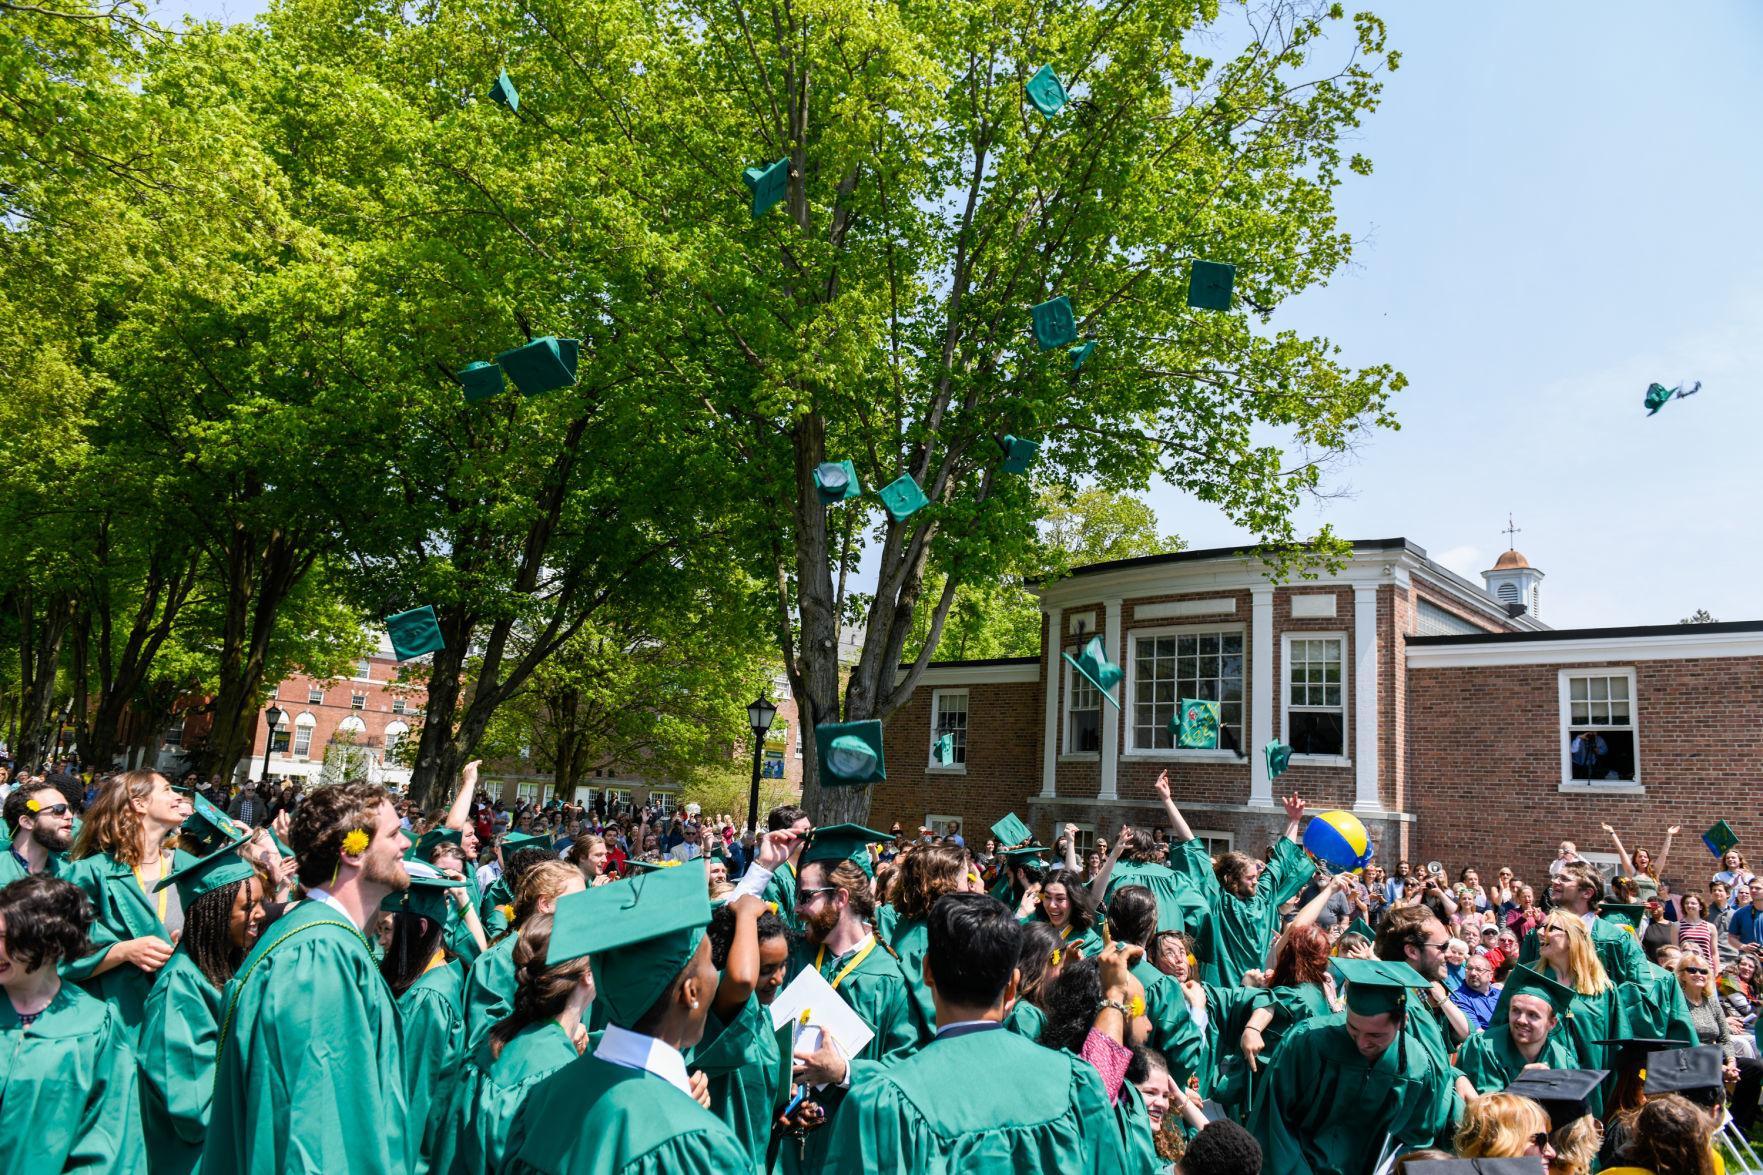 Green Mountain College >> Green Mountain College Celebrates Final Commencement